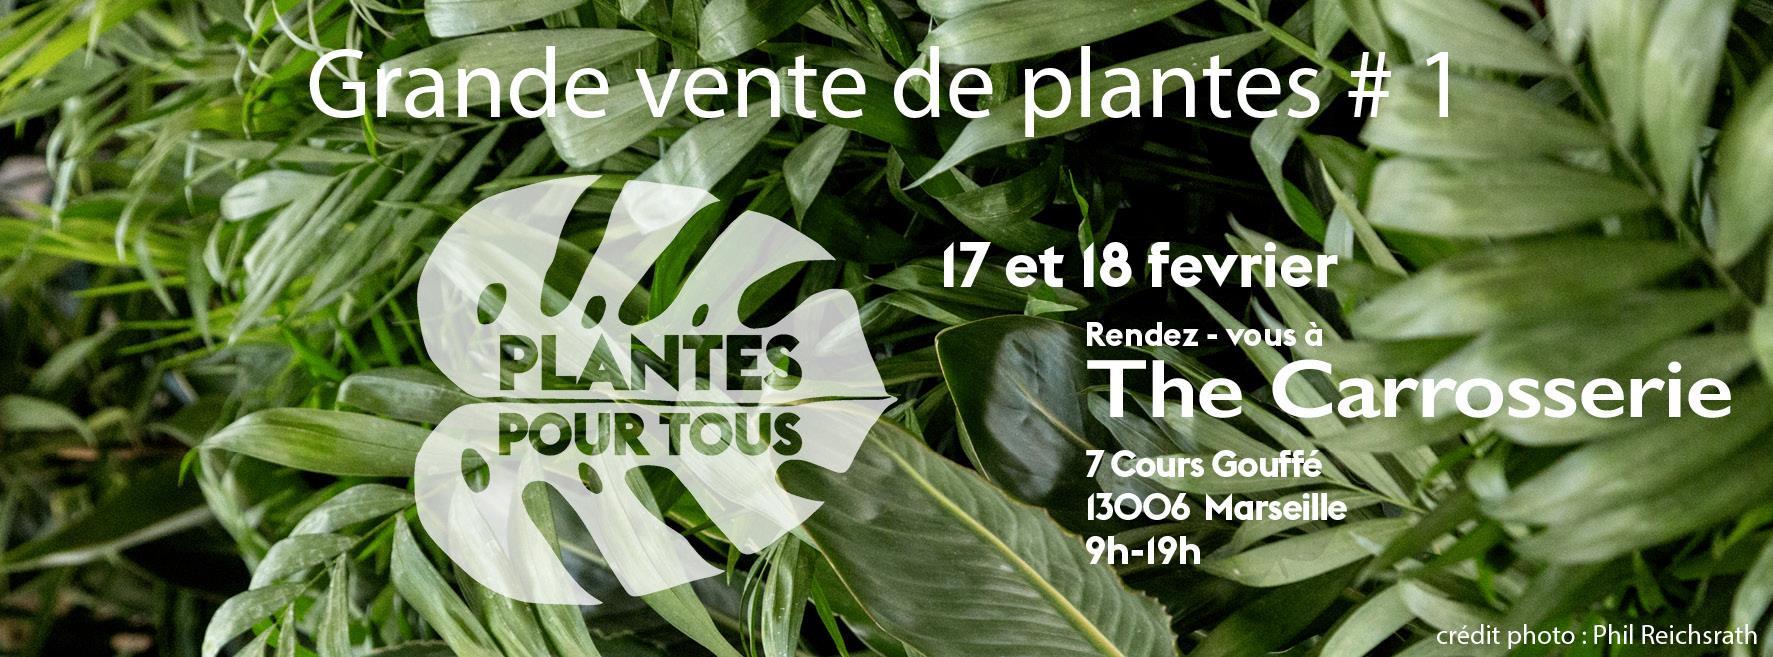 Plantes pour tous grande vente de plantes petits prix for Tous les plantes